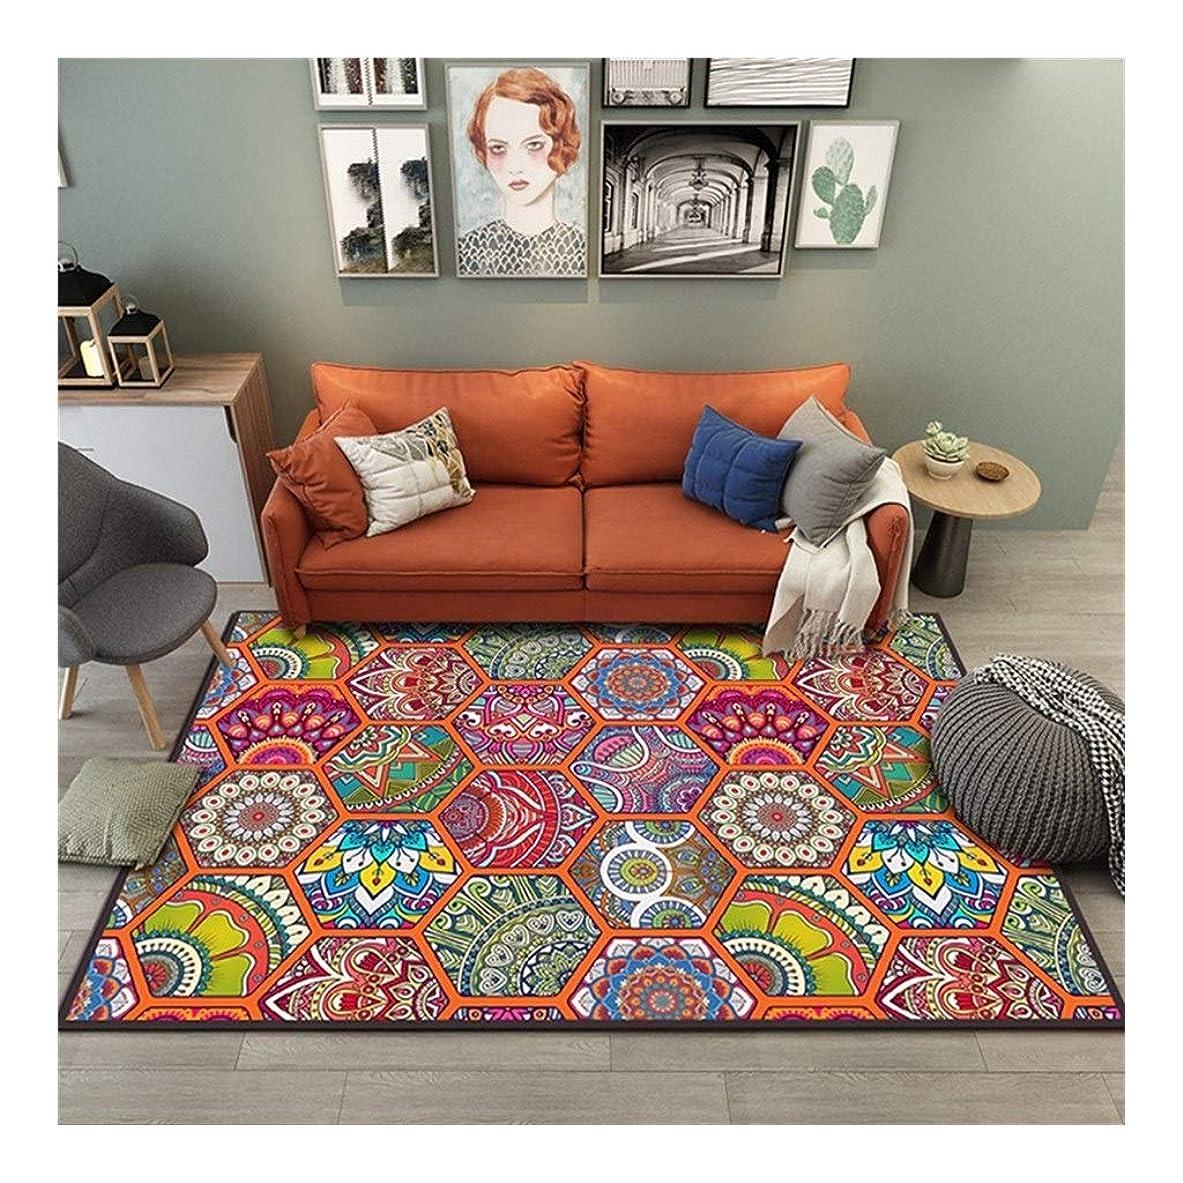 鳴らす三十心理的に敷物寝室、快適でソフトボヘミアンヴィンテージエスニックスタイルのリビングルームの研究ベッドサイドコーヒーテーブルカーペットは洗濯機でカスタマイズ可能 (Color : Q, Size : 120×160cm)